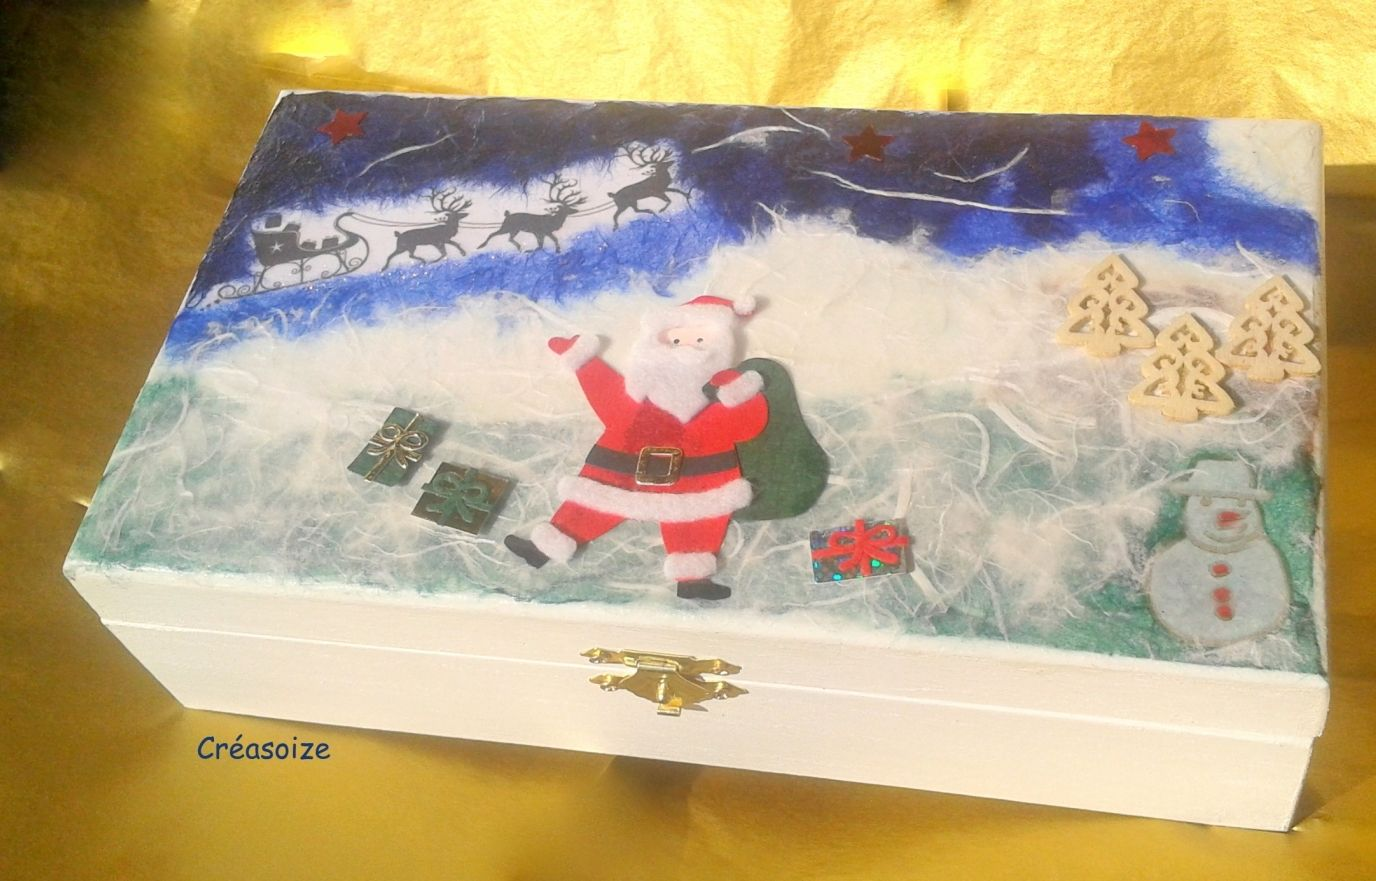 Coffret paysage Père Noël, son traîneau et ses rênes, HO HO ♪♫  http://www.alittlemarket.com/boutique/creasoize